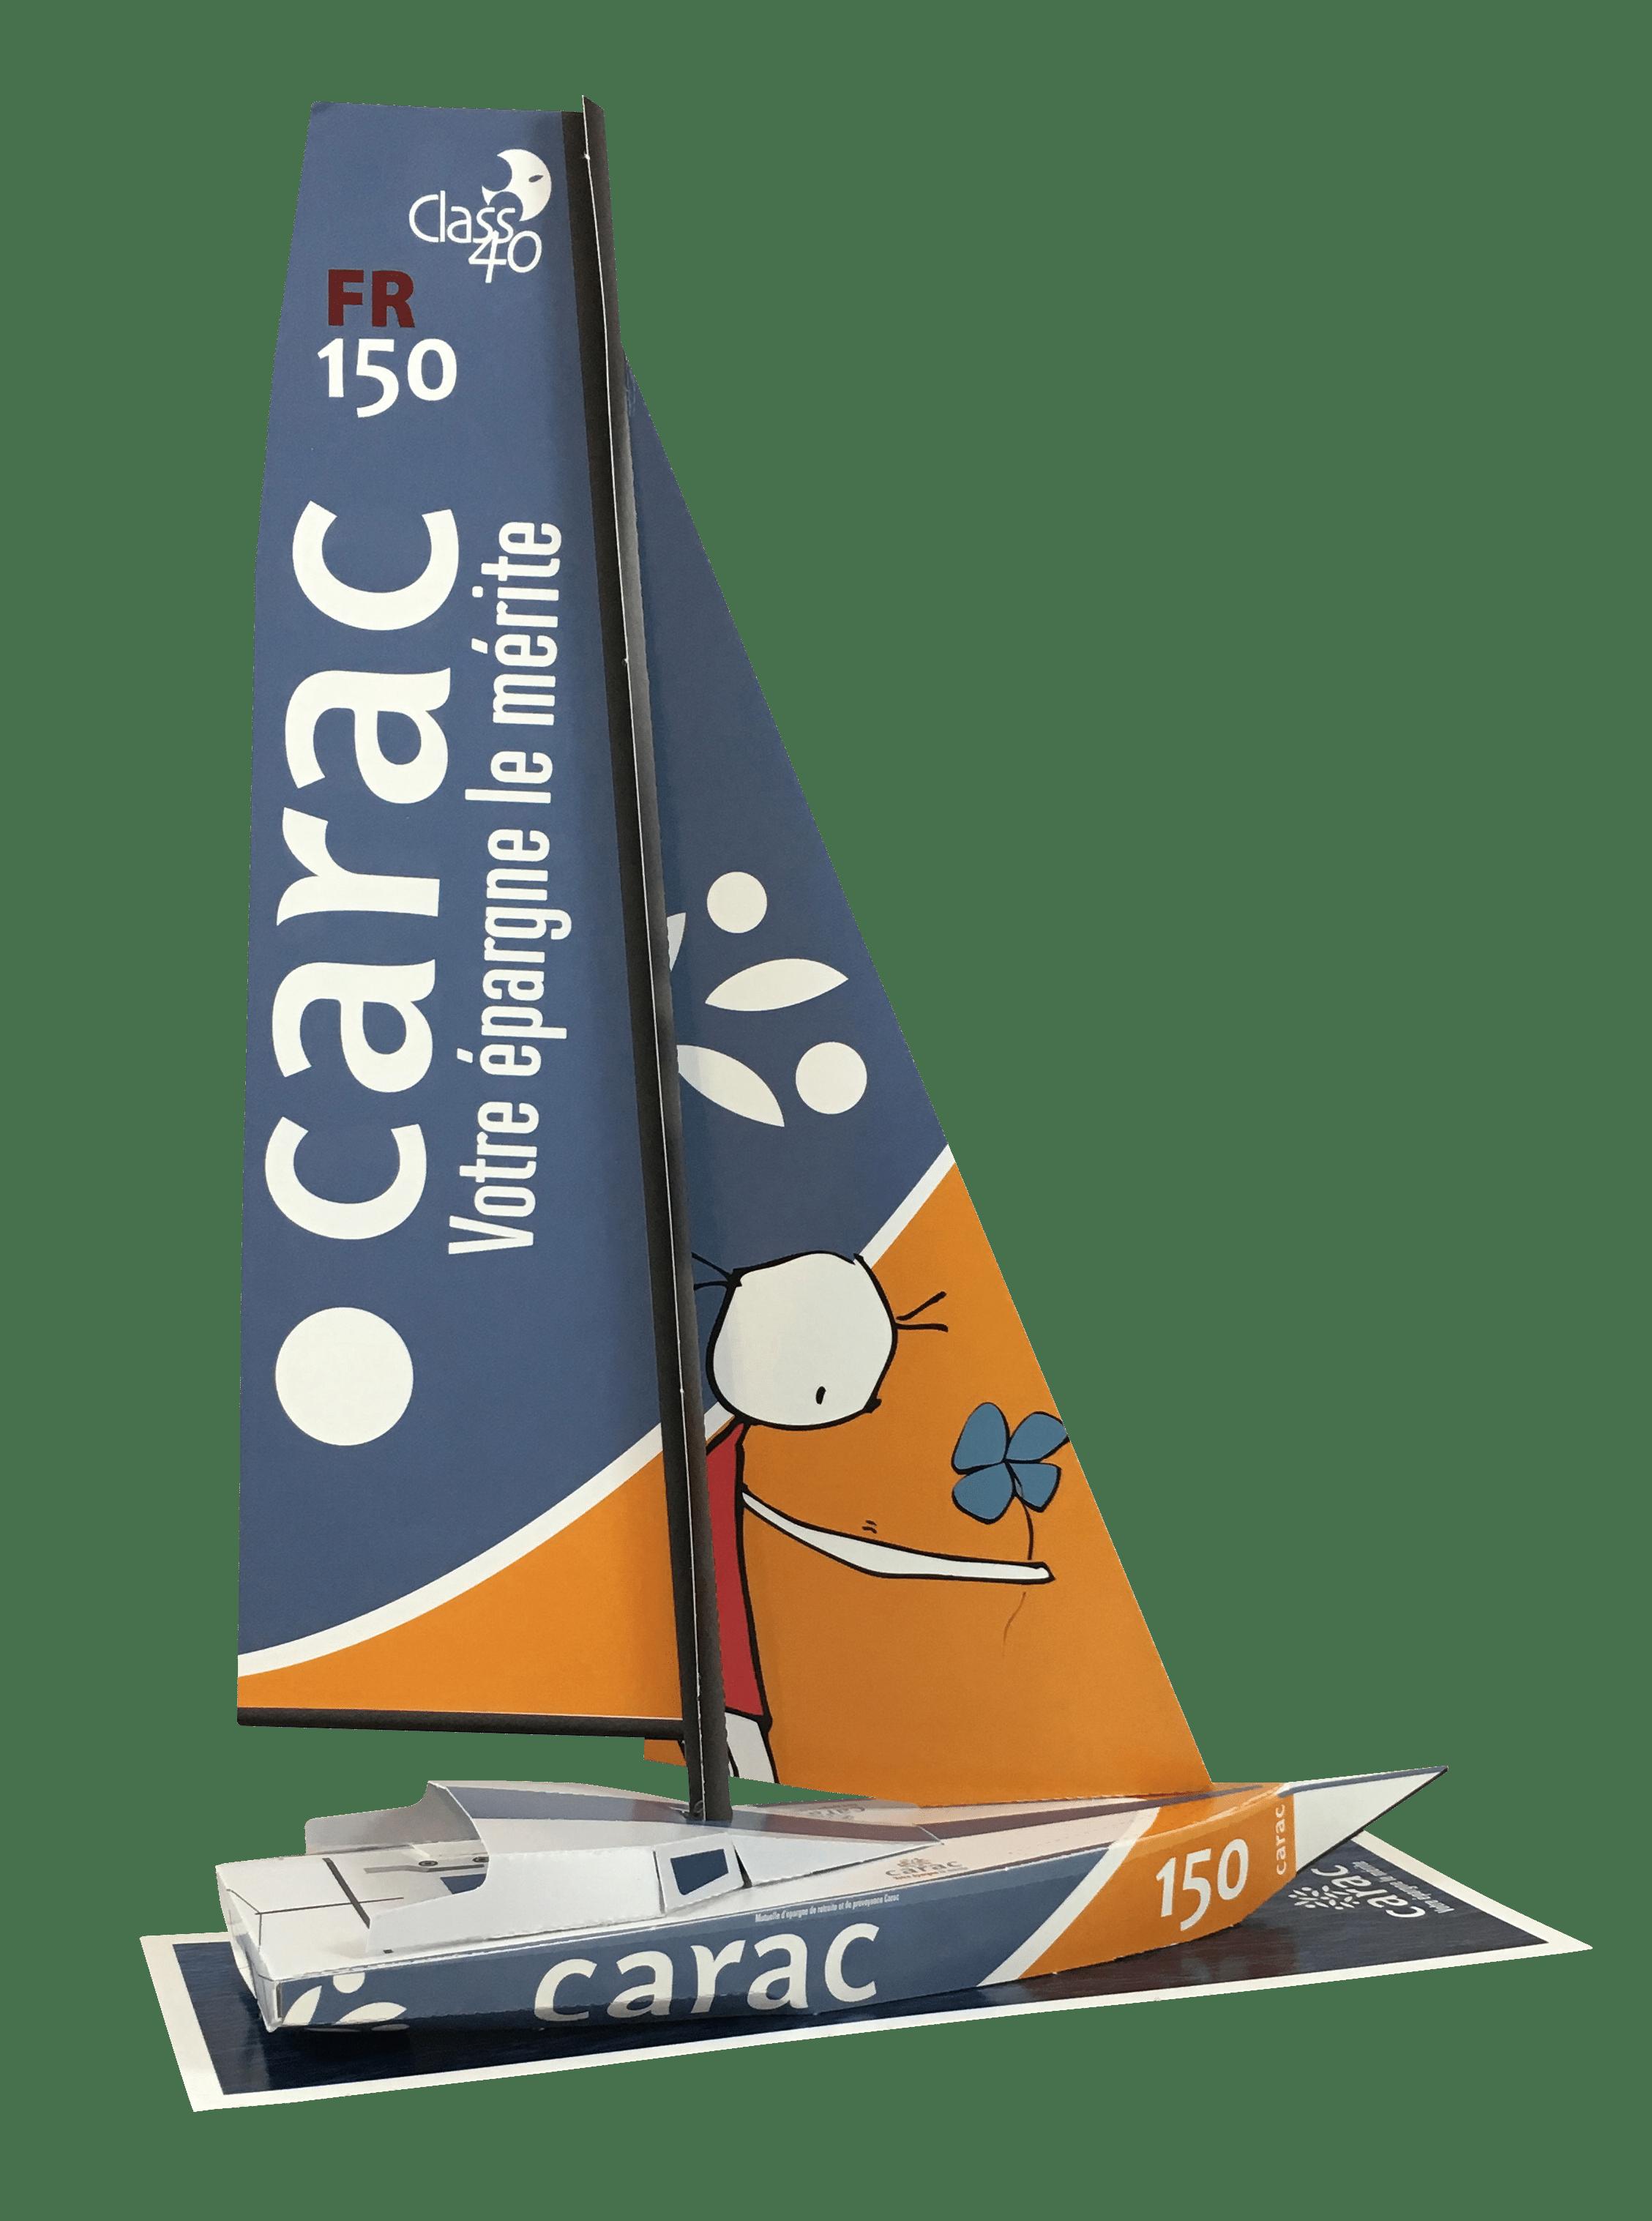 IMG_4487.png - Maquette en papier du Class40 Carac